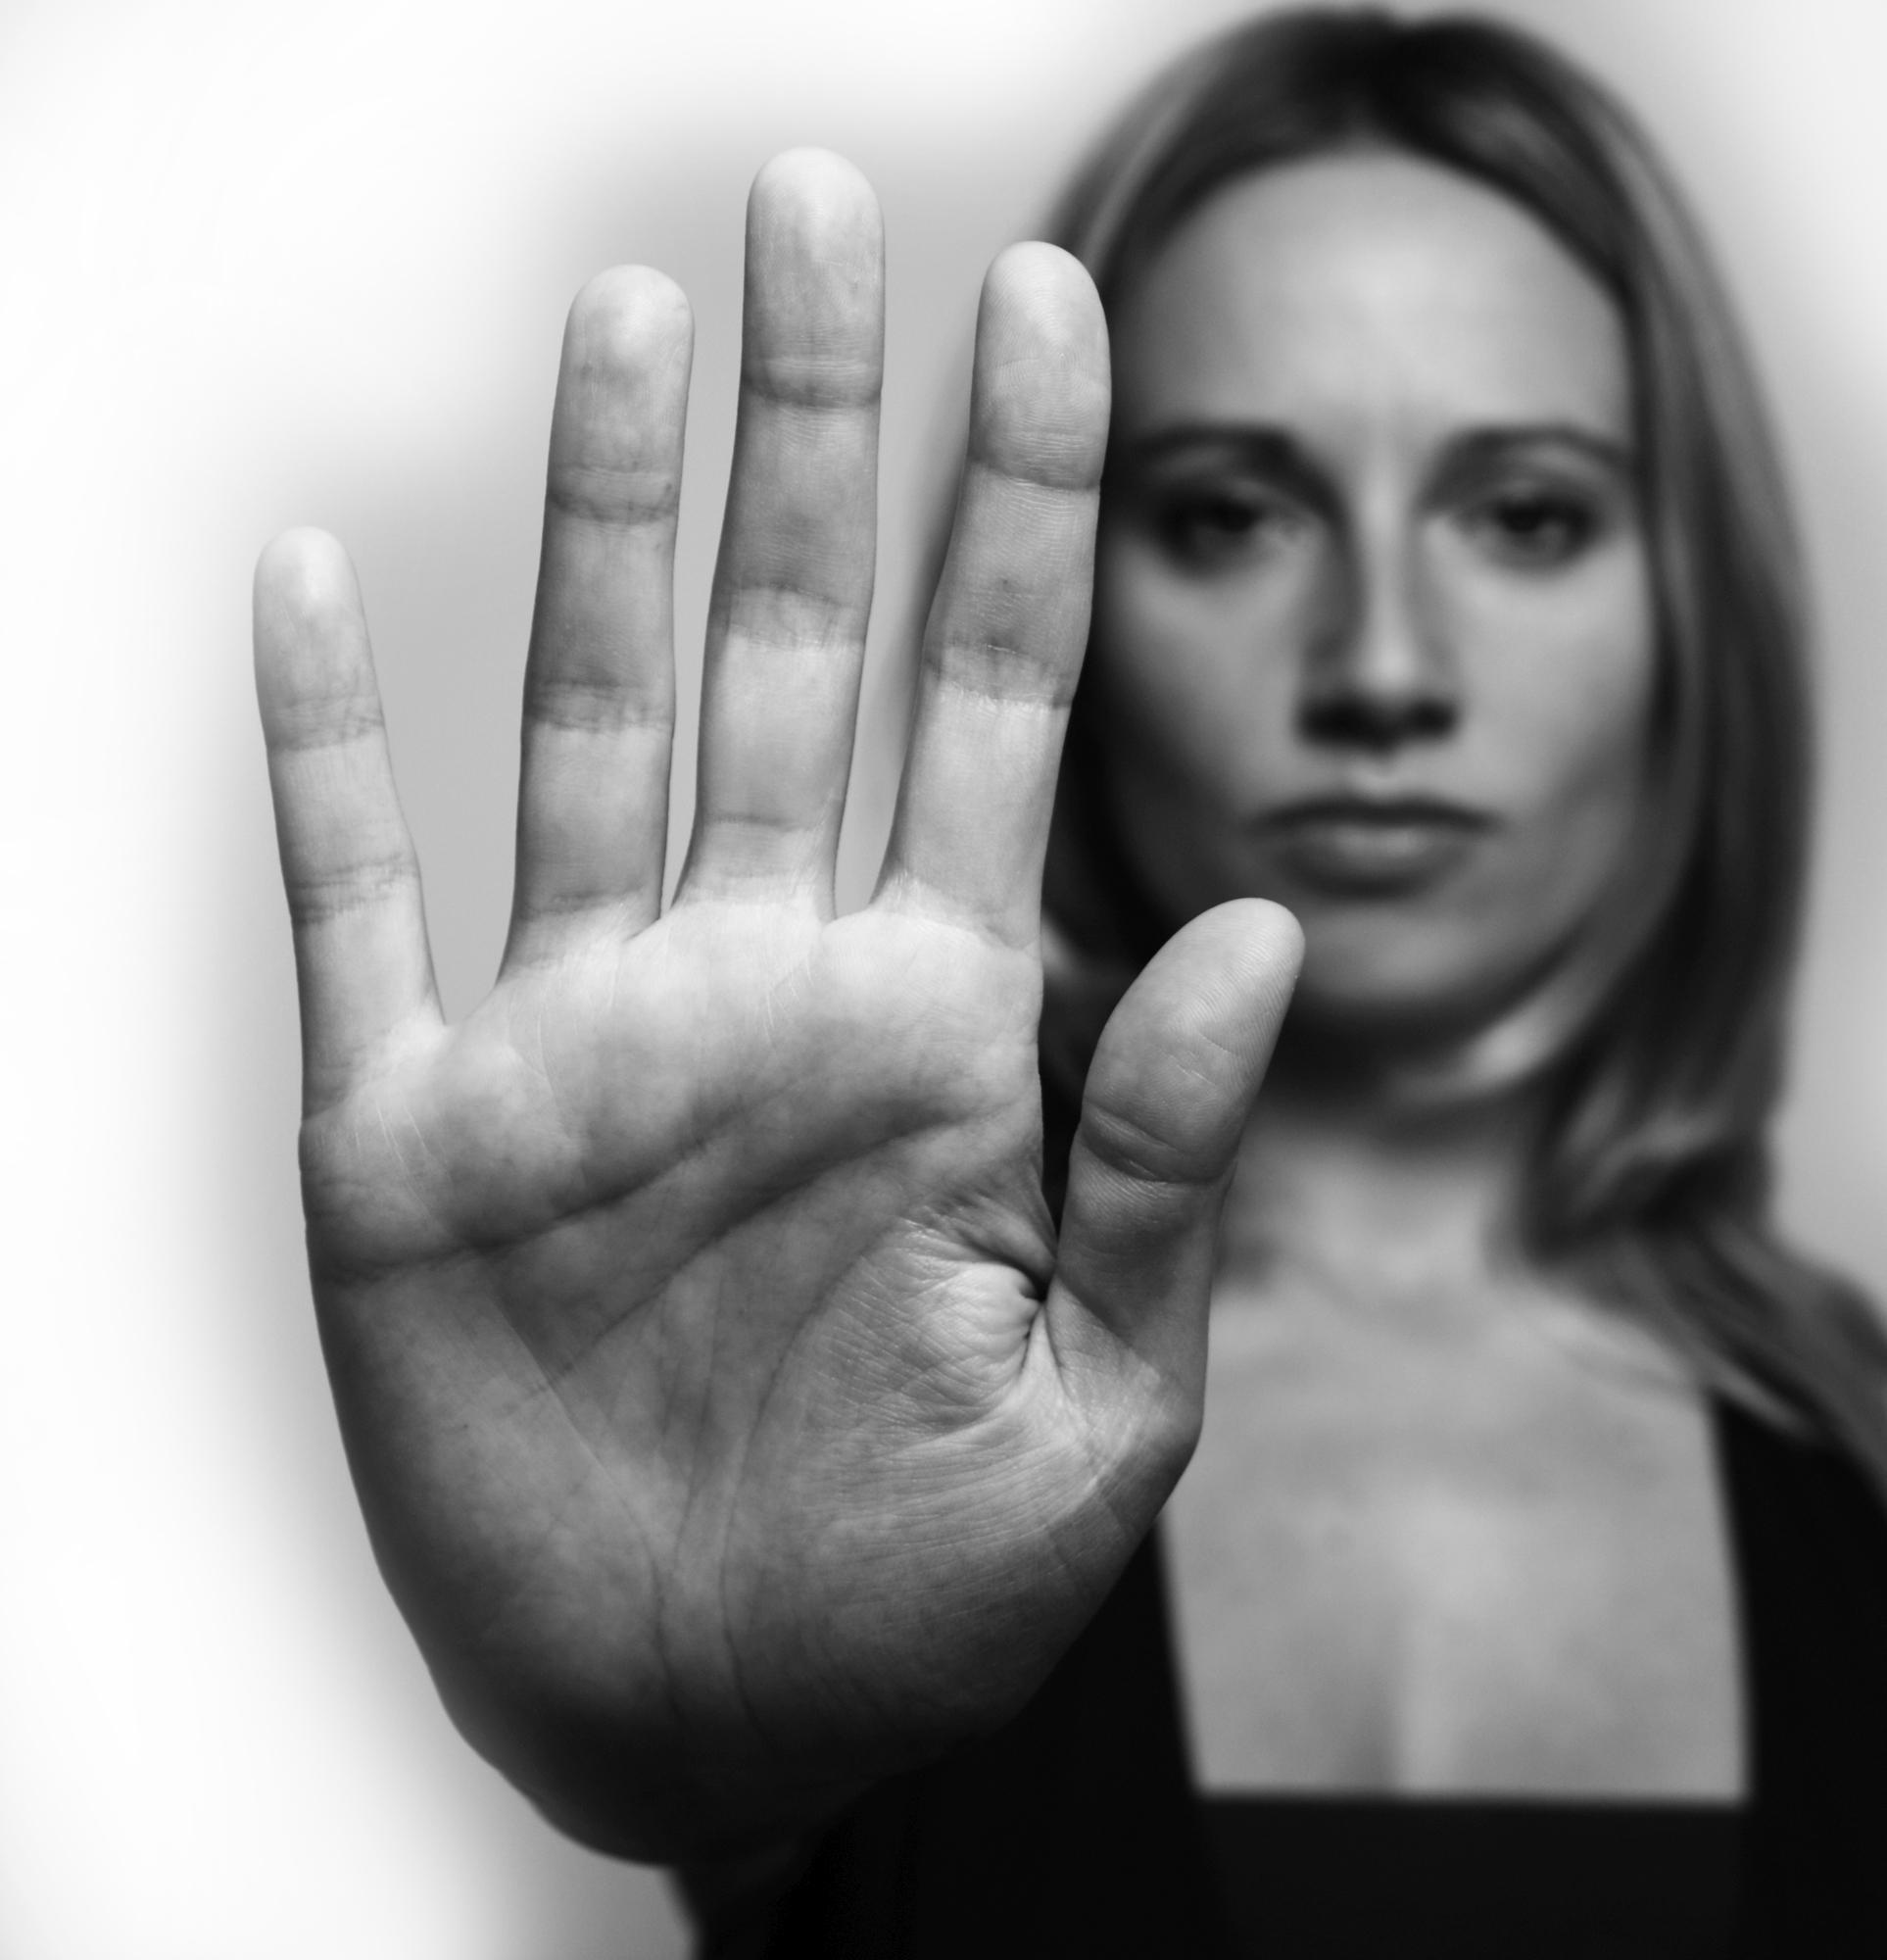 violencia a mujeres